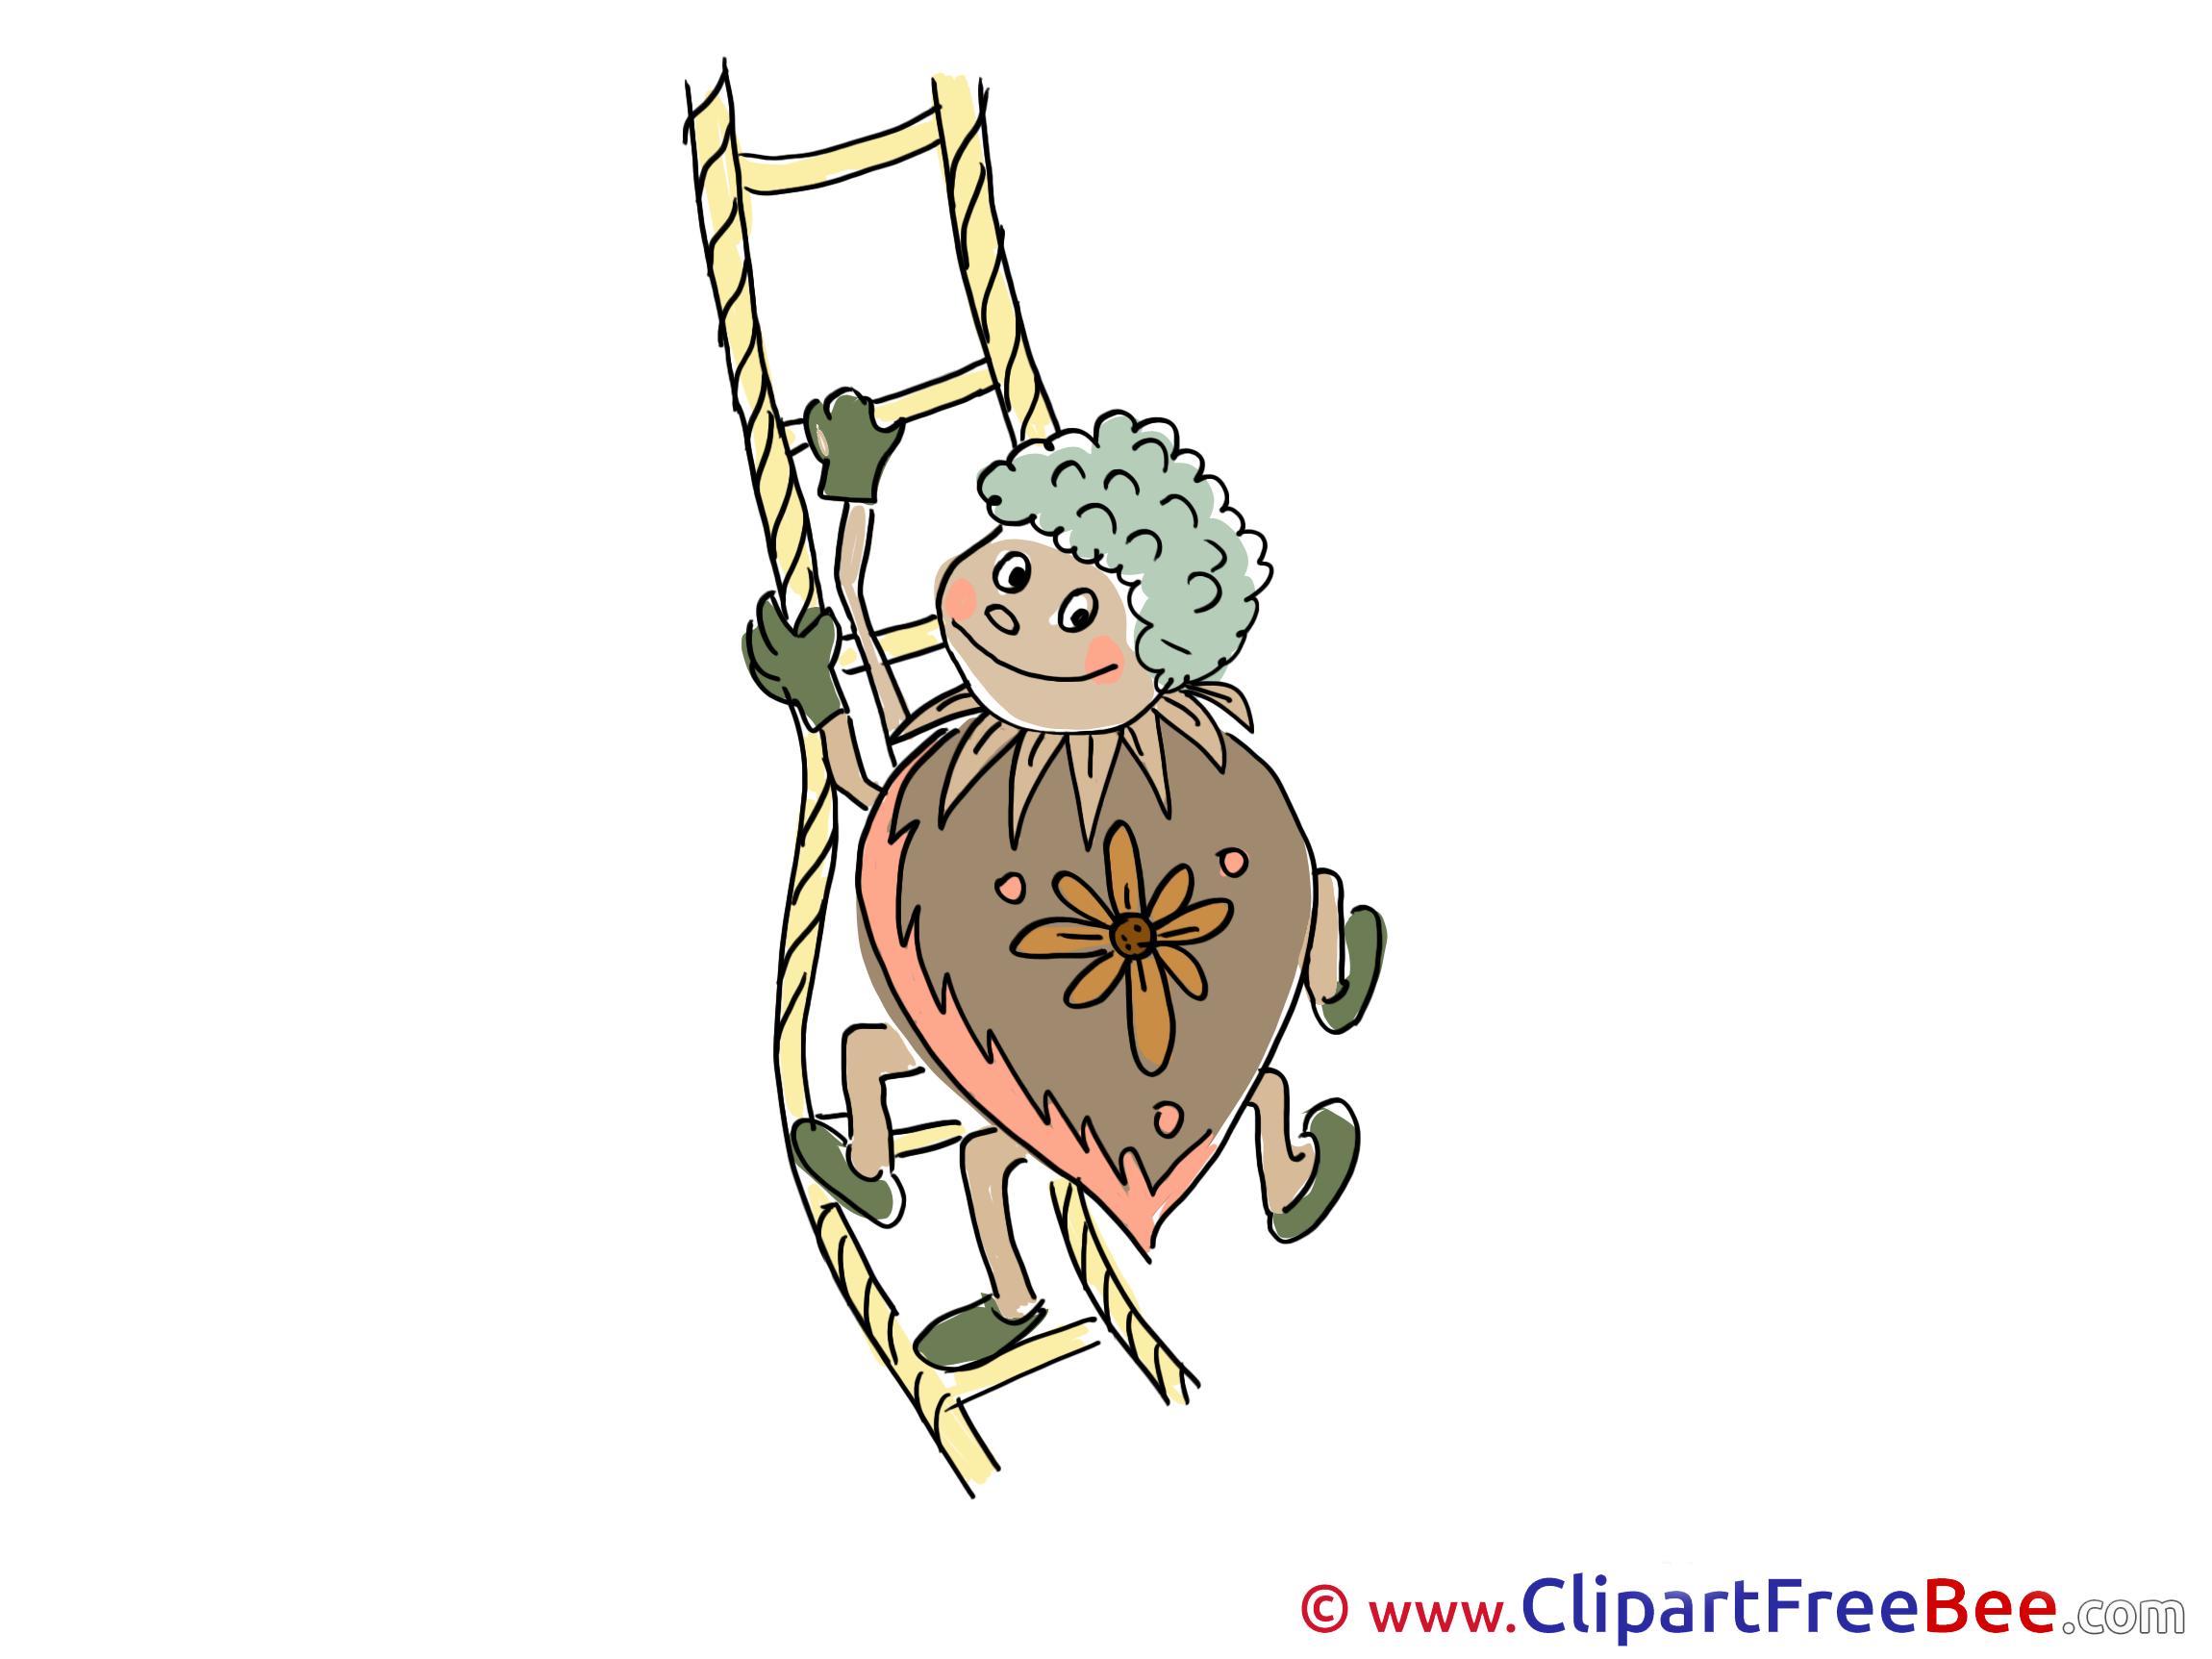 Ladder Bug download printable Illustrations